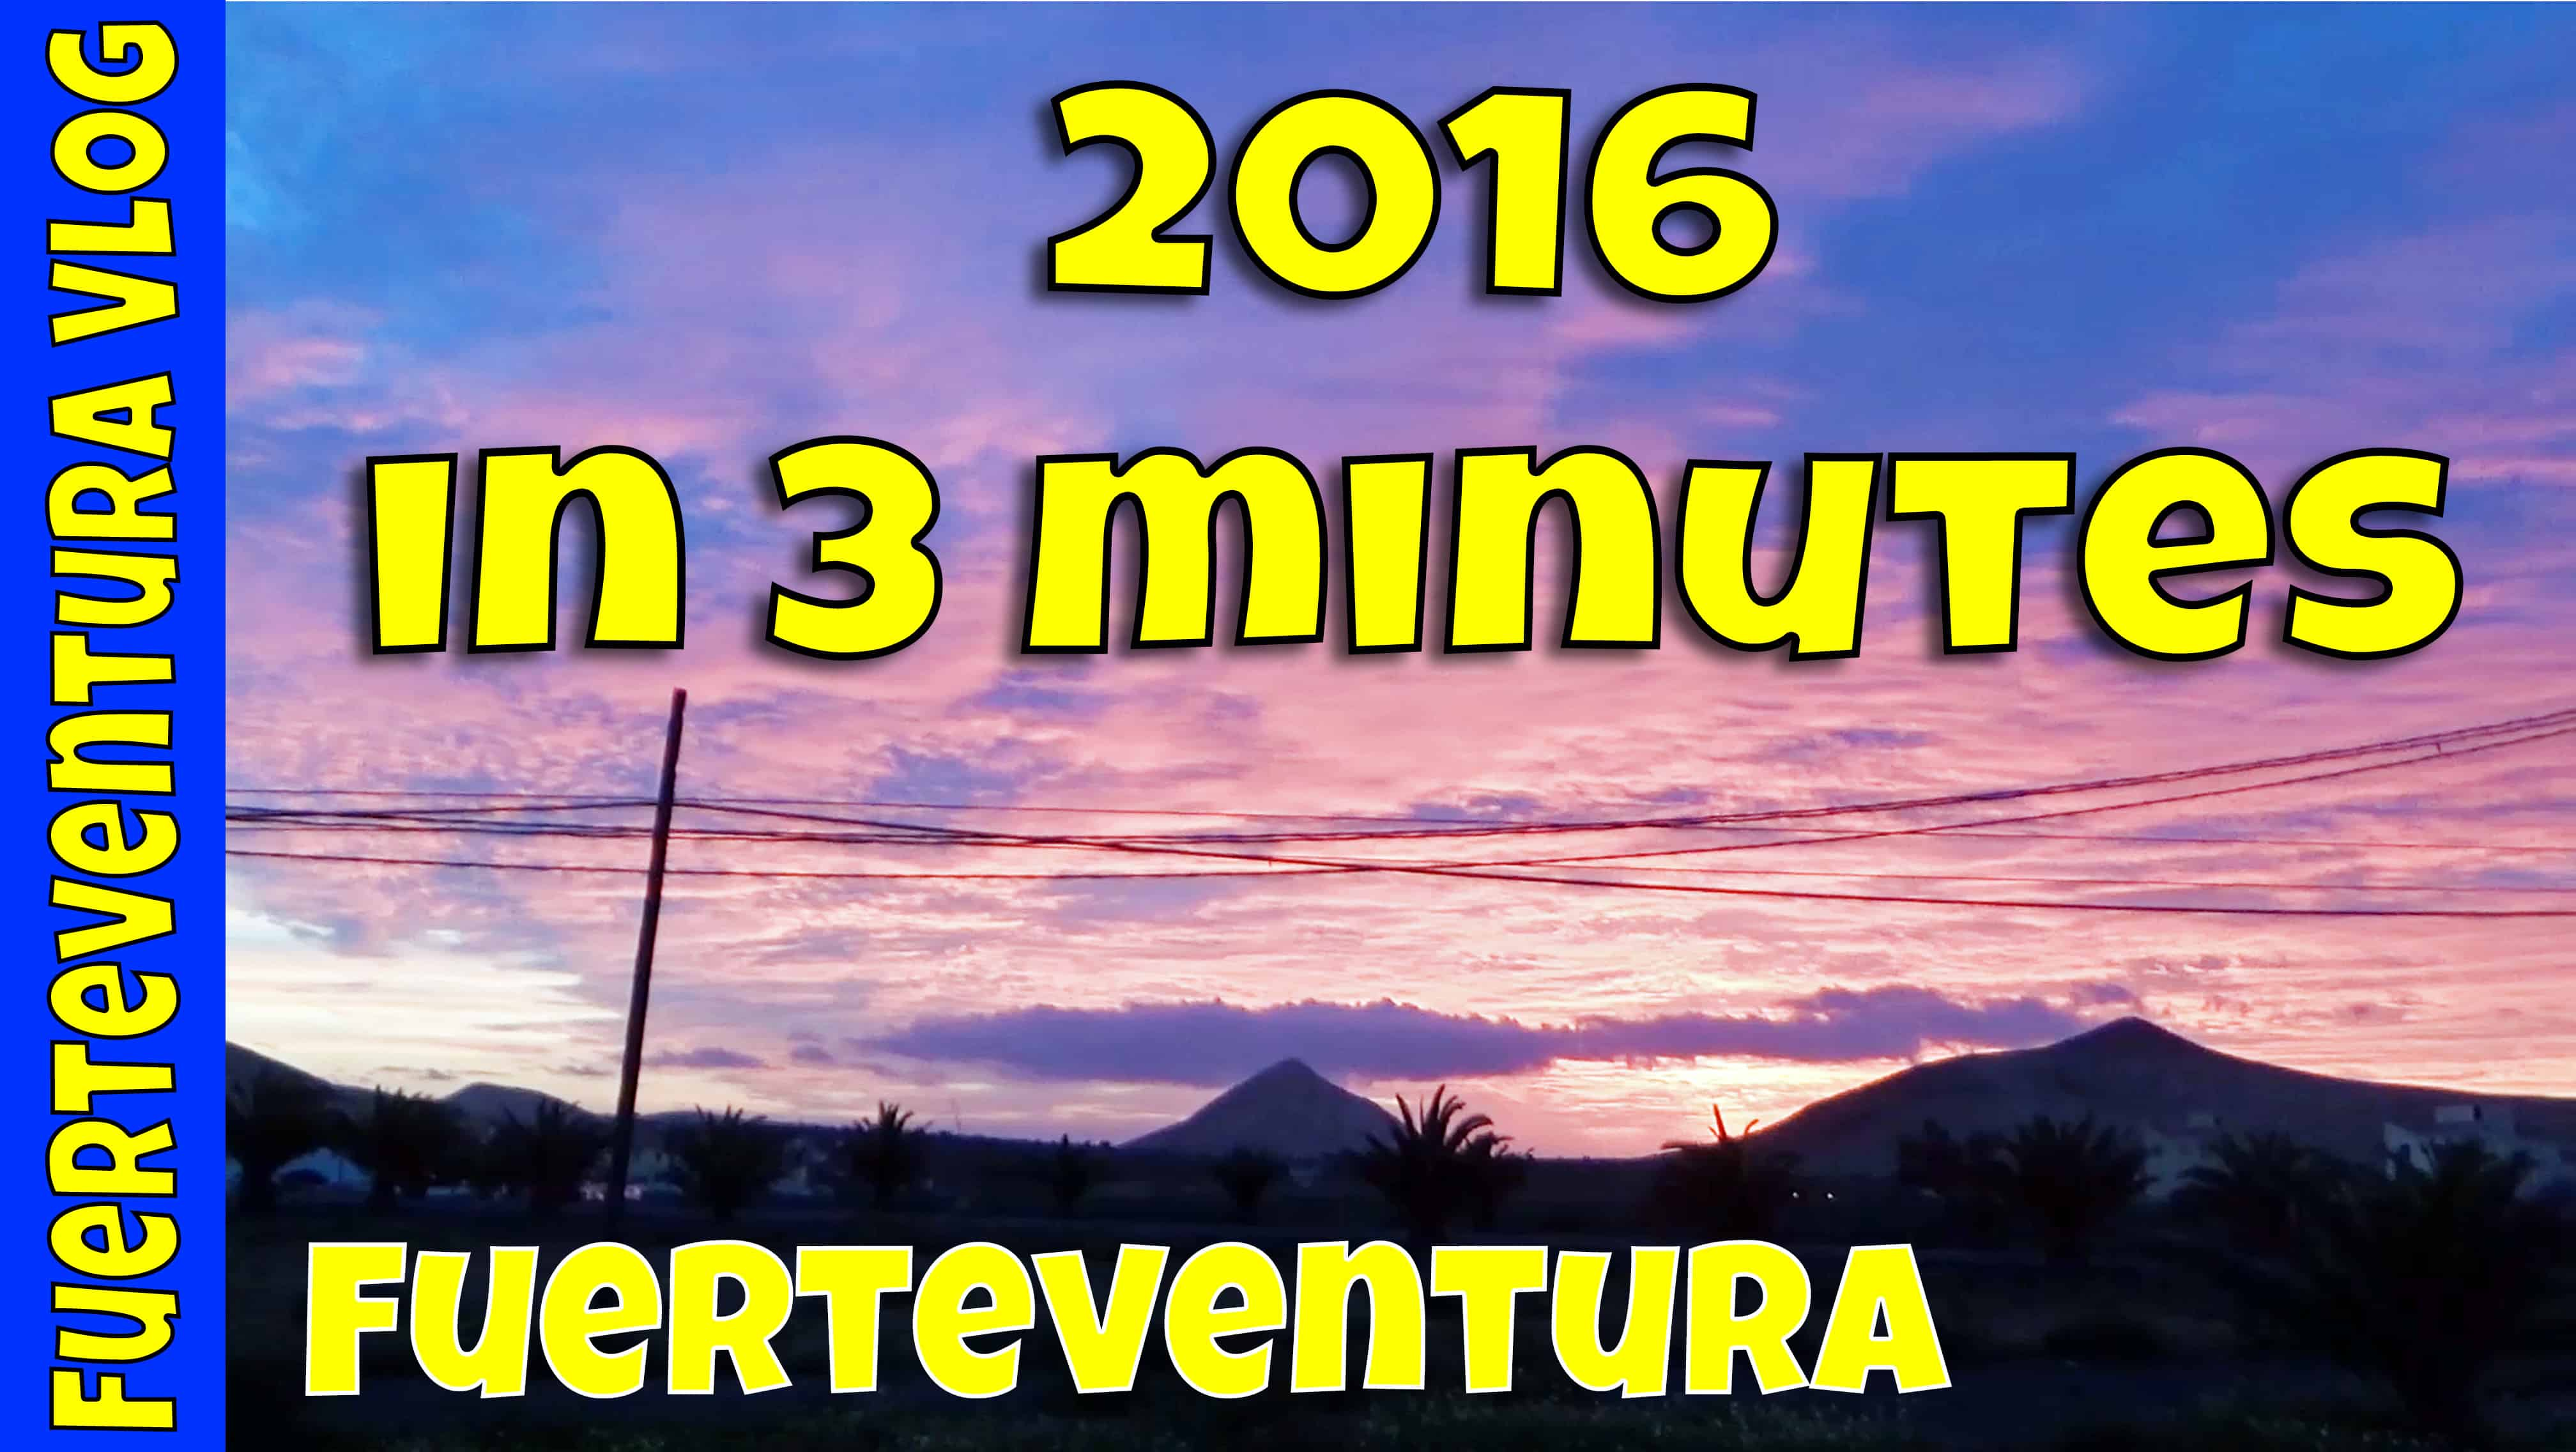 Fuerteventura - 2016 in 3 minutes